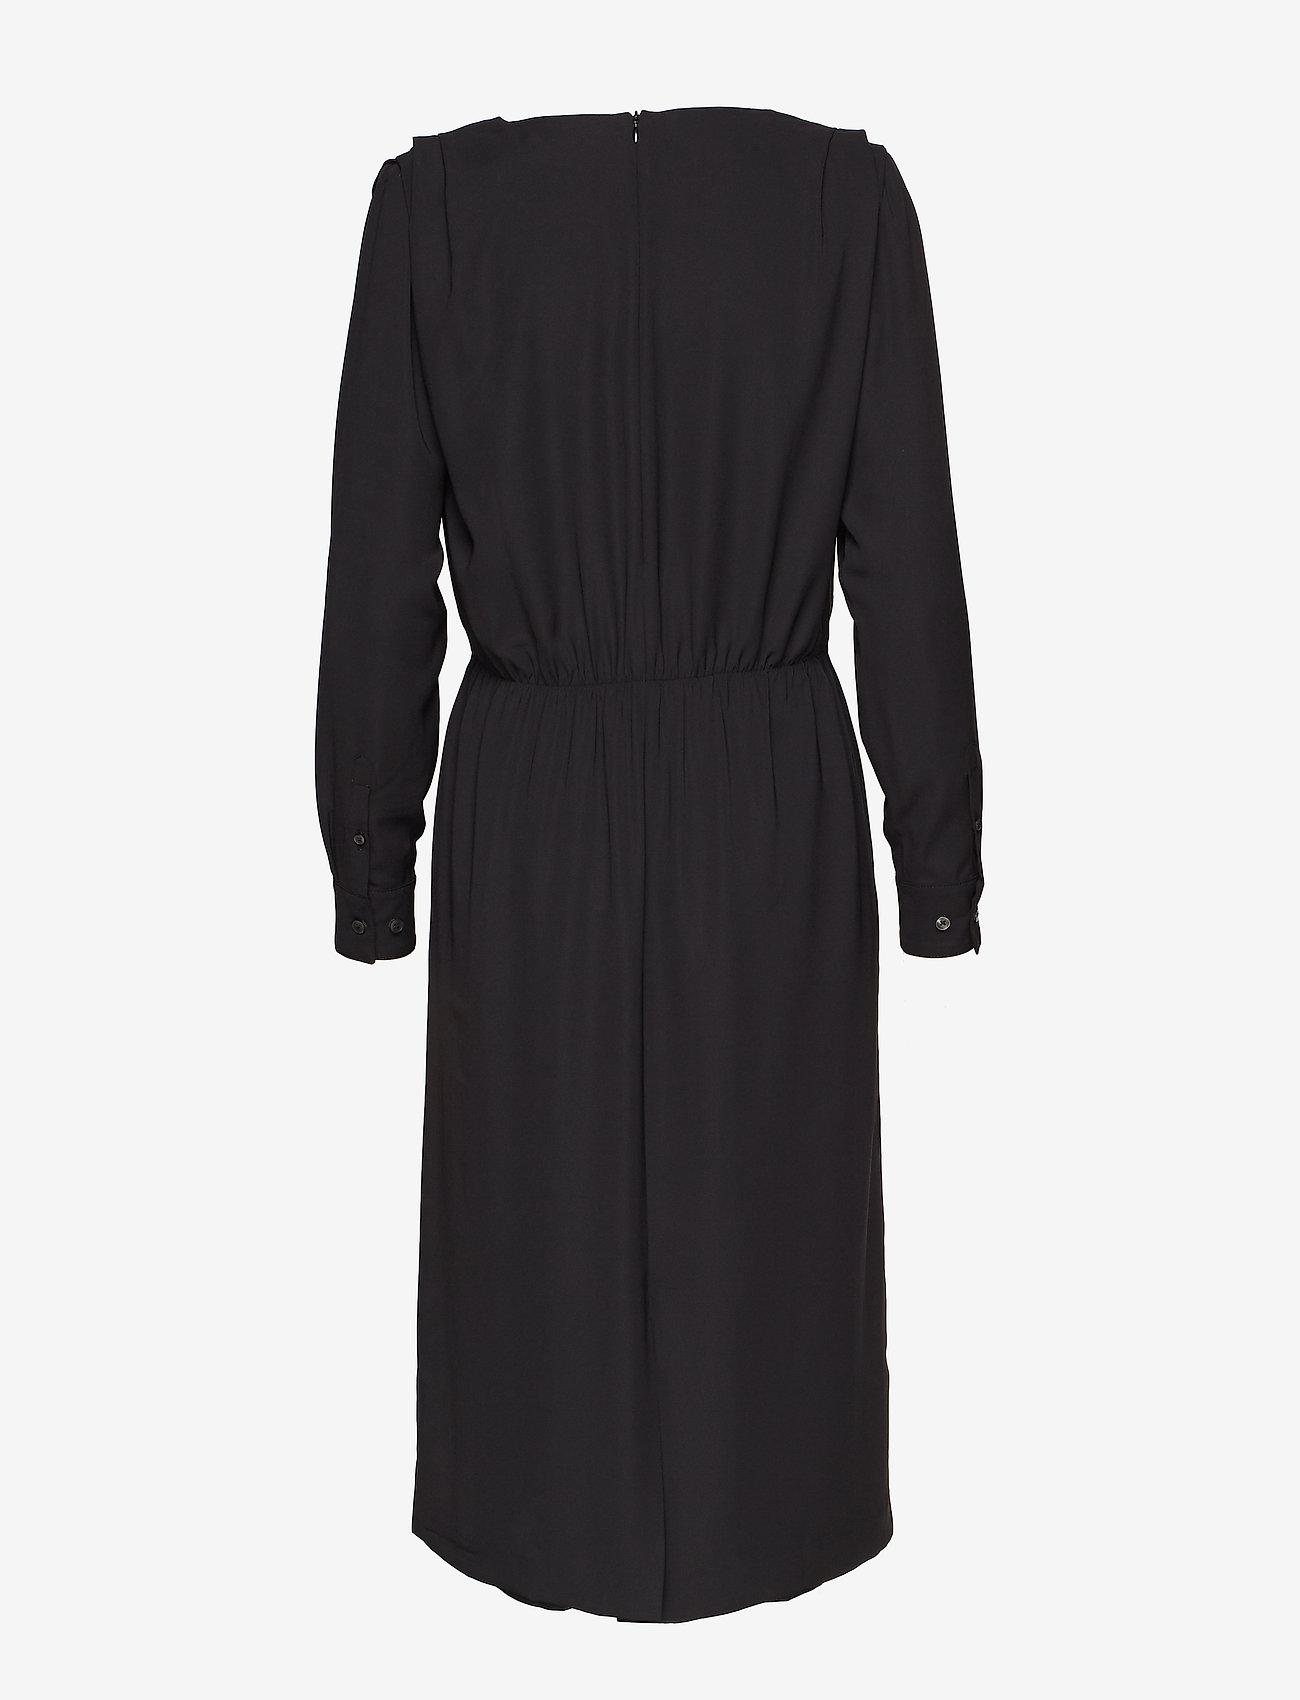 Whyred ELAY SHIRTSLEEVE SOLID - Kleider BLACK - Damen Kleidung